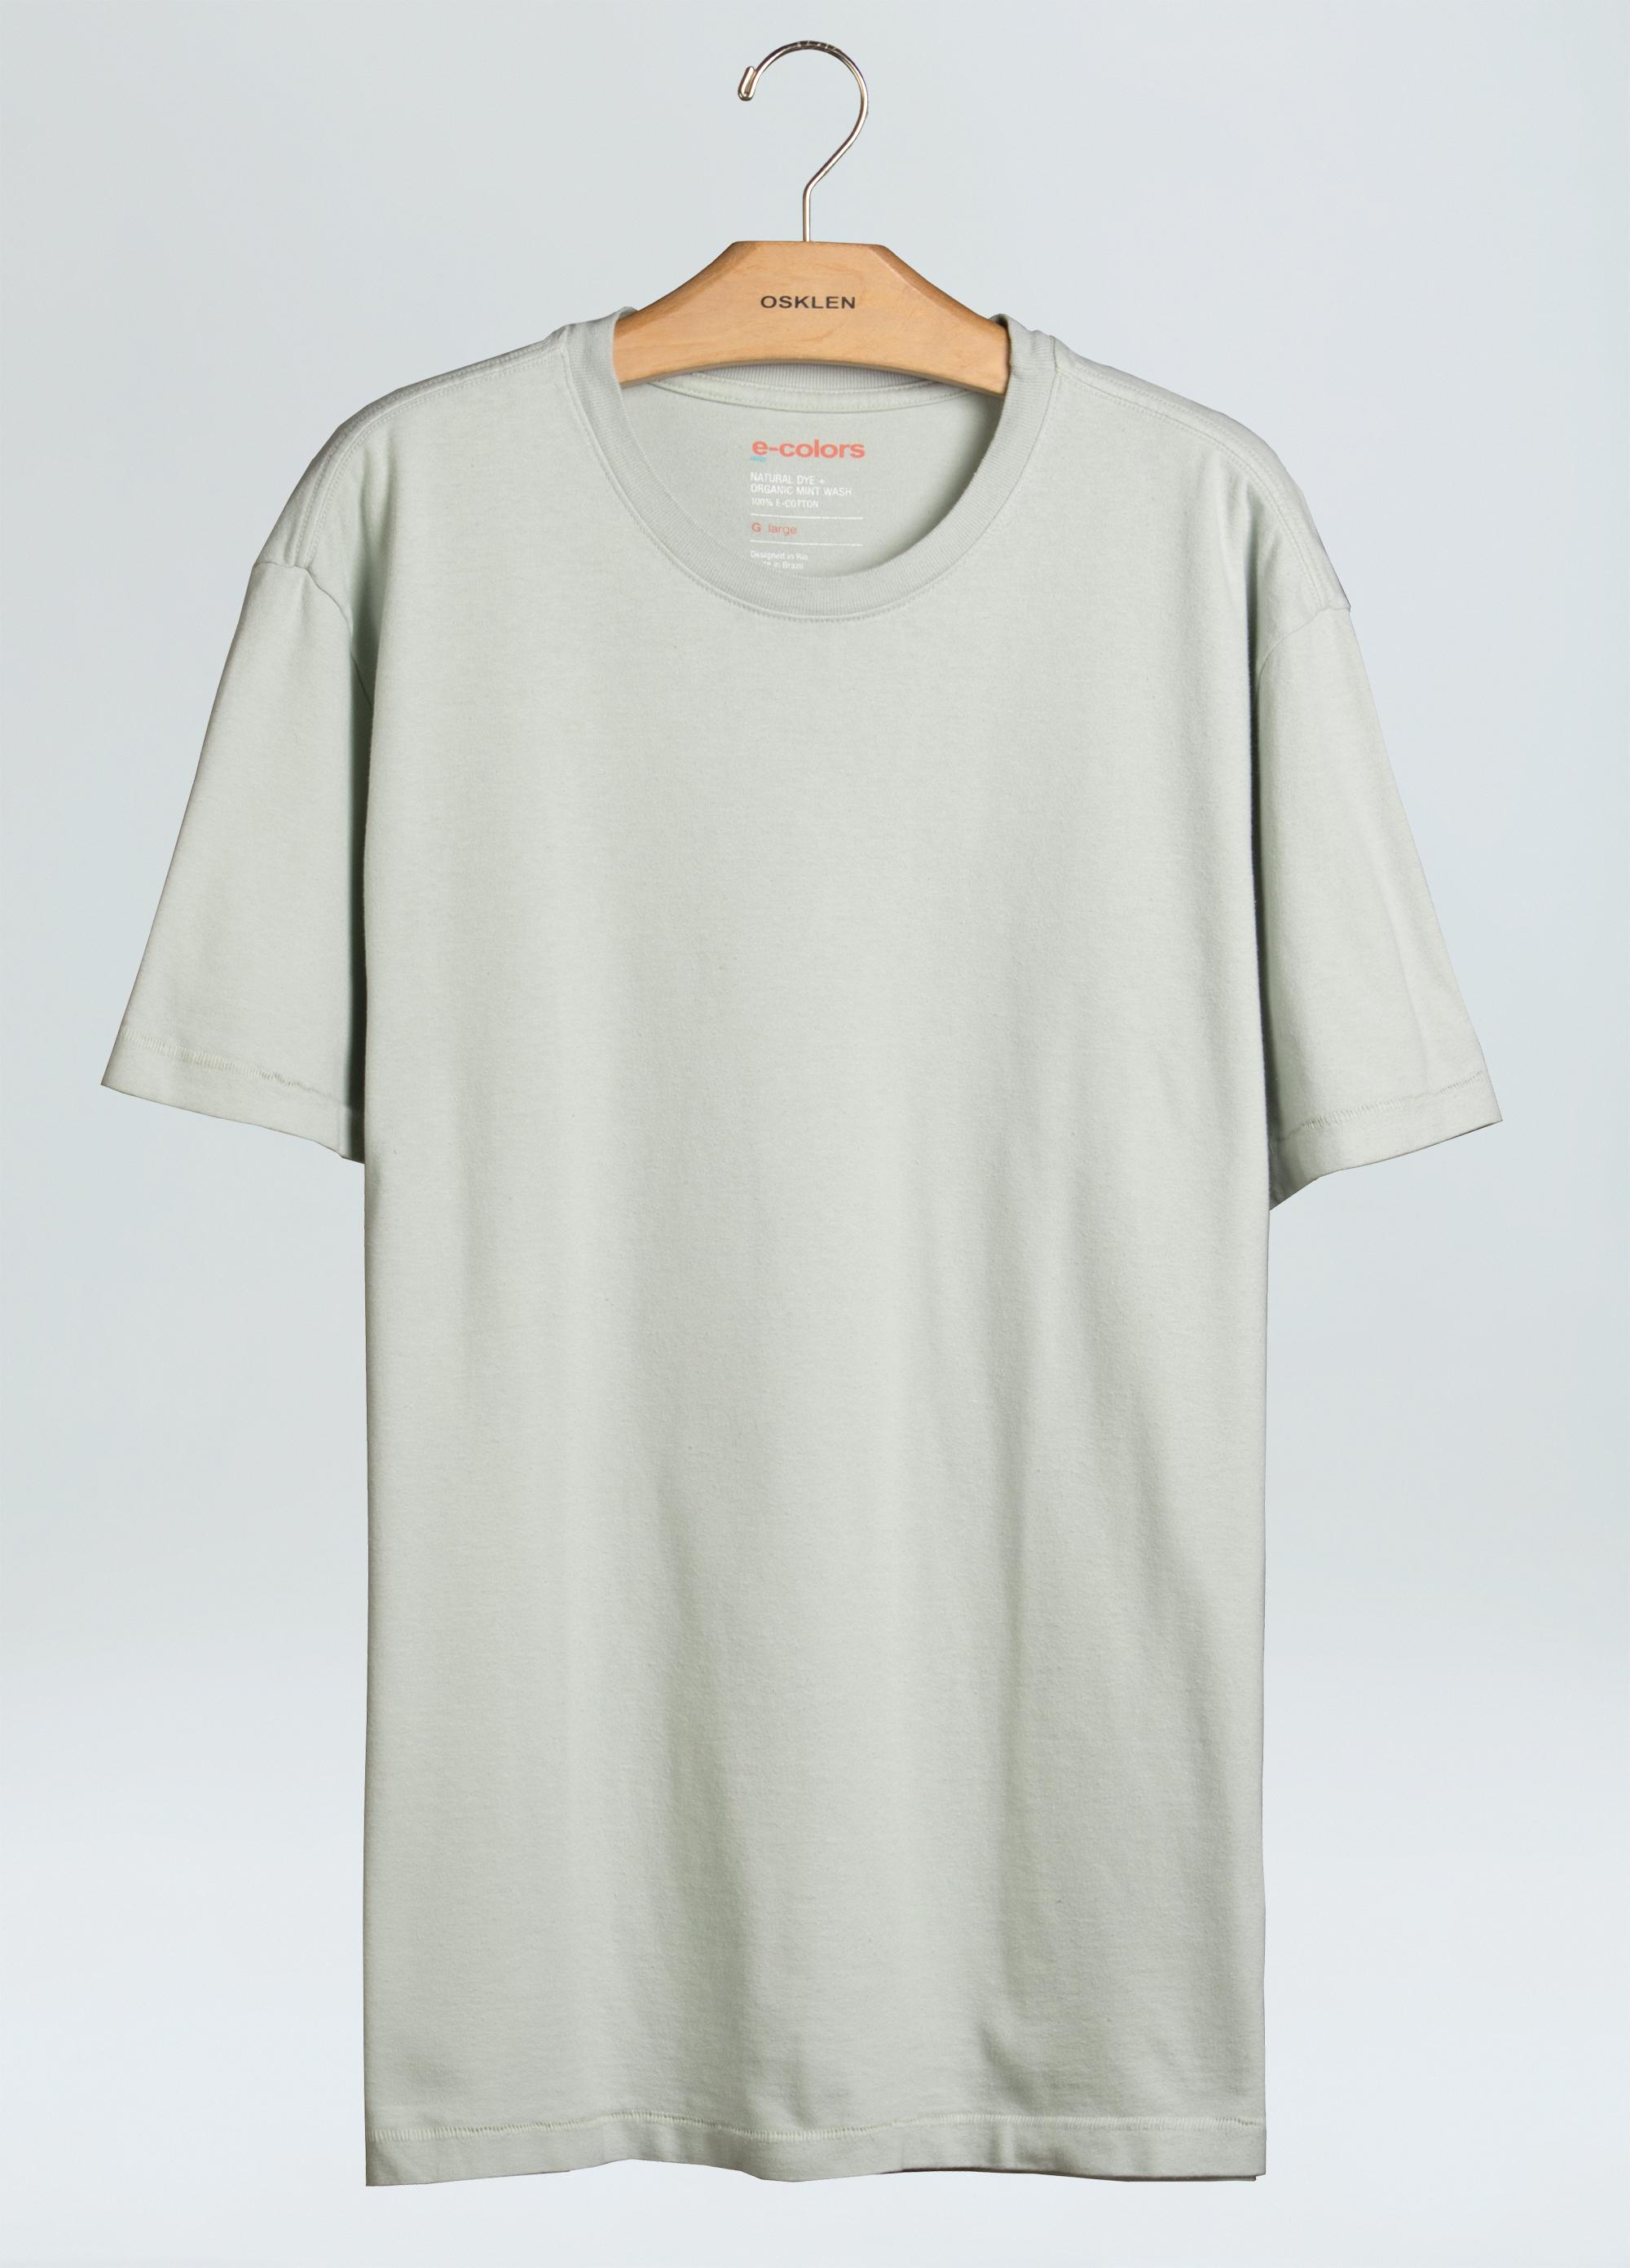 Uma das camiseta tingidas com e-color de menta / Cortesia